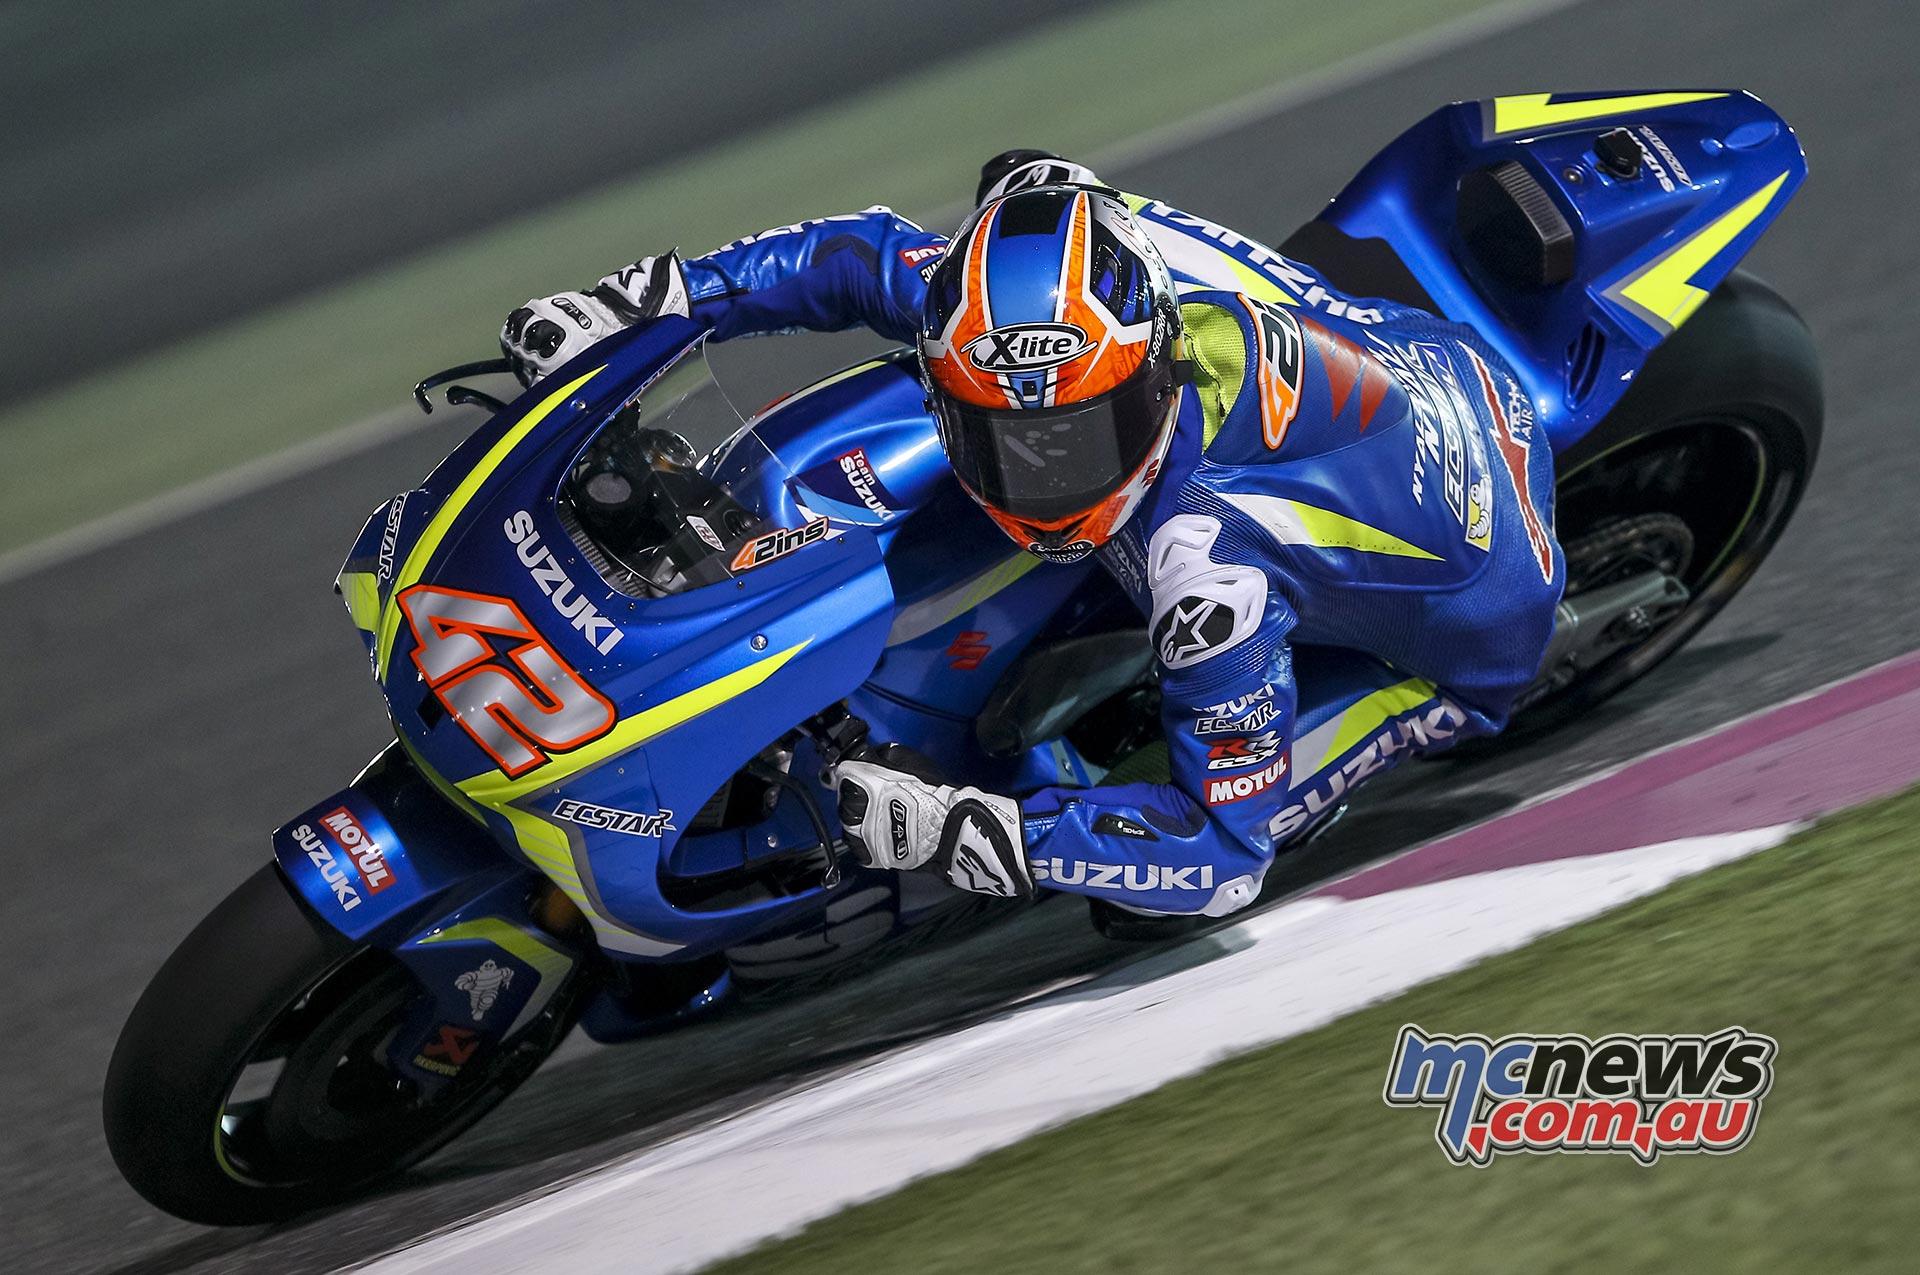 Yamaha Motogp Wins